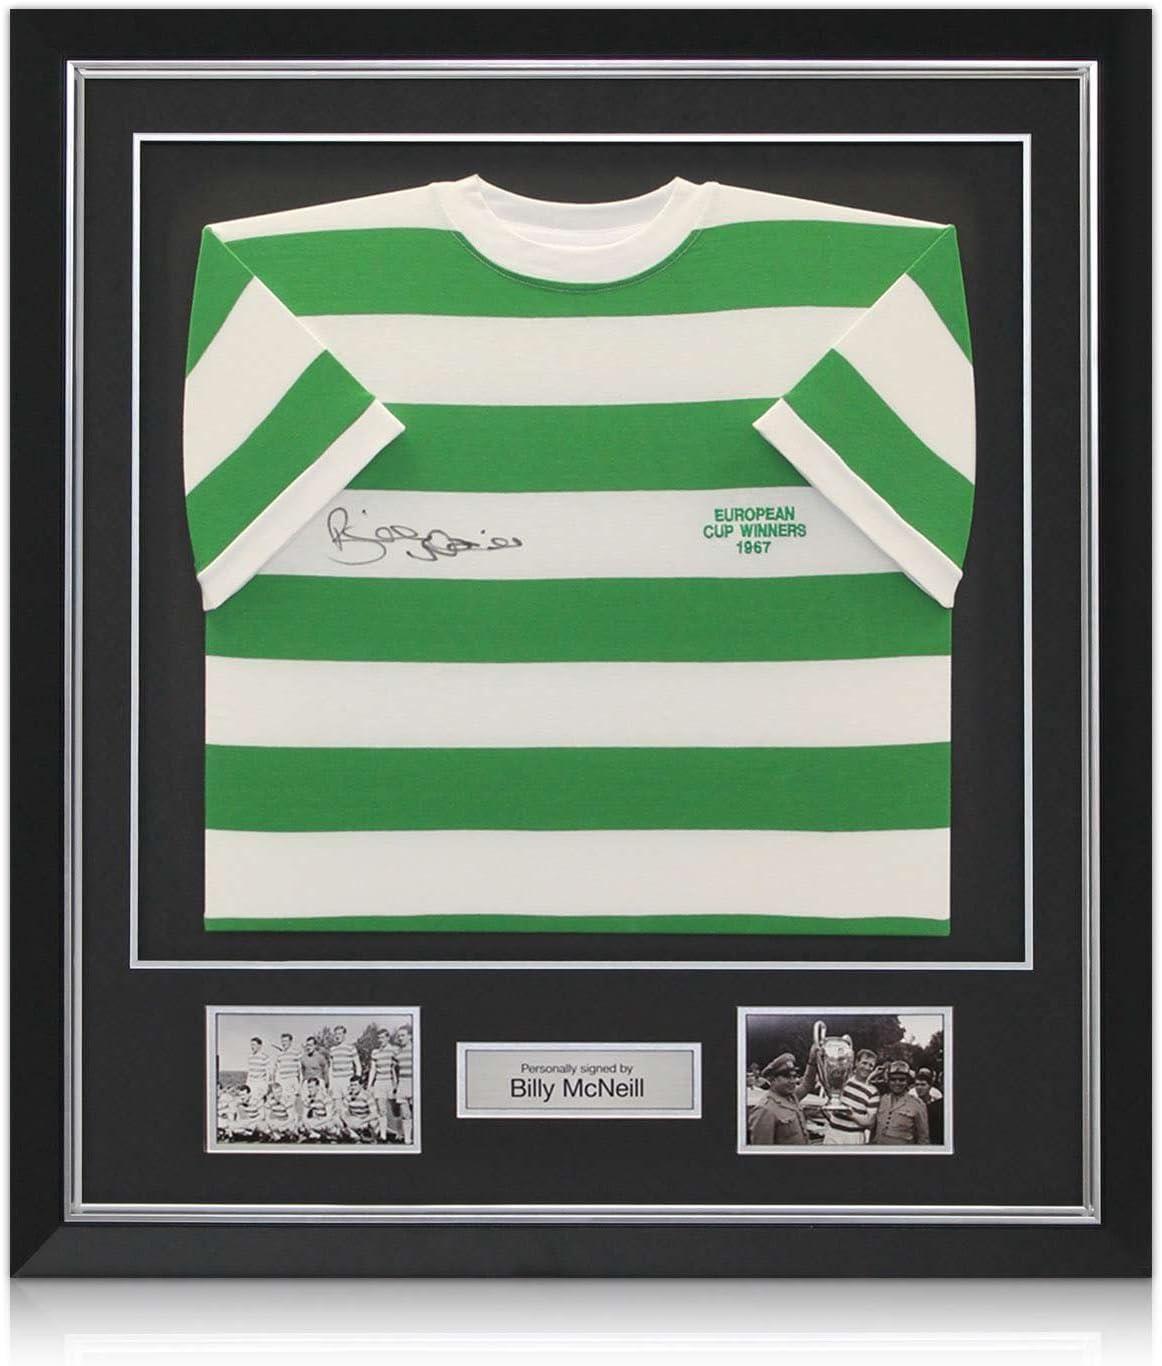 Camiseta de Billy McNeill Lisboa Leones Celtic Football Firmado, lujo enmarcado con incrustaciones de plata: Amazon.es: Deportes y aire libre